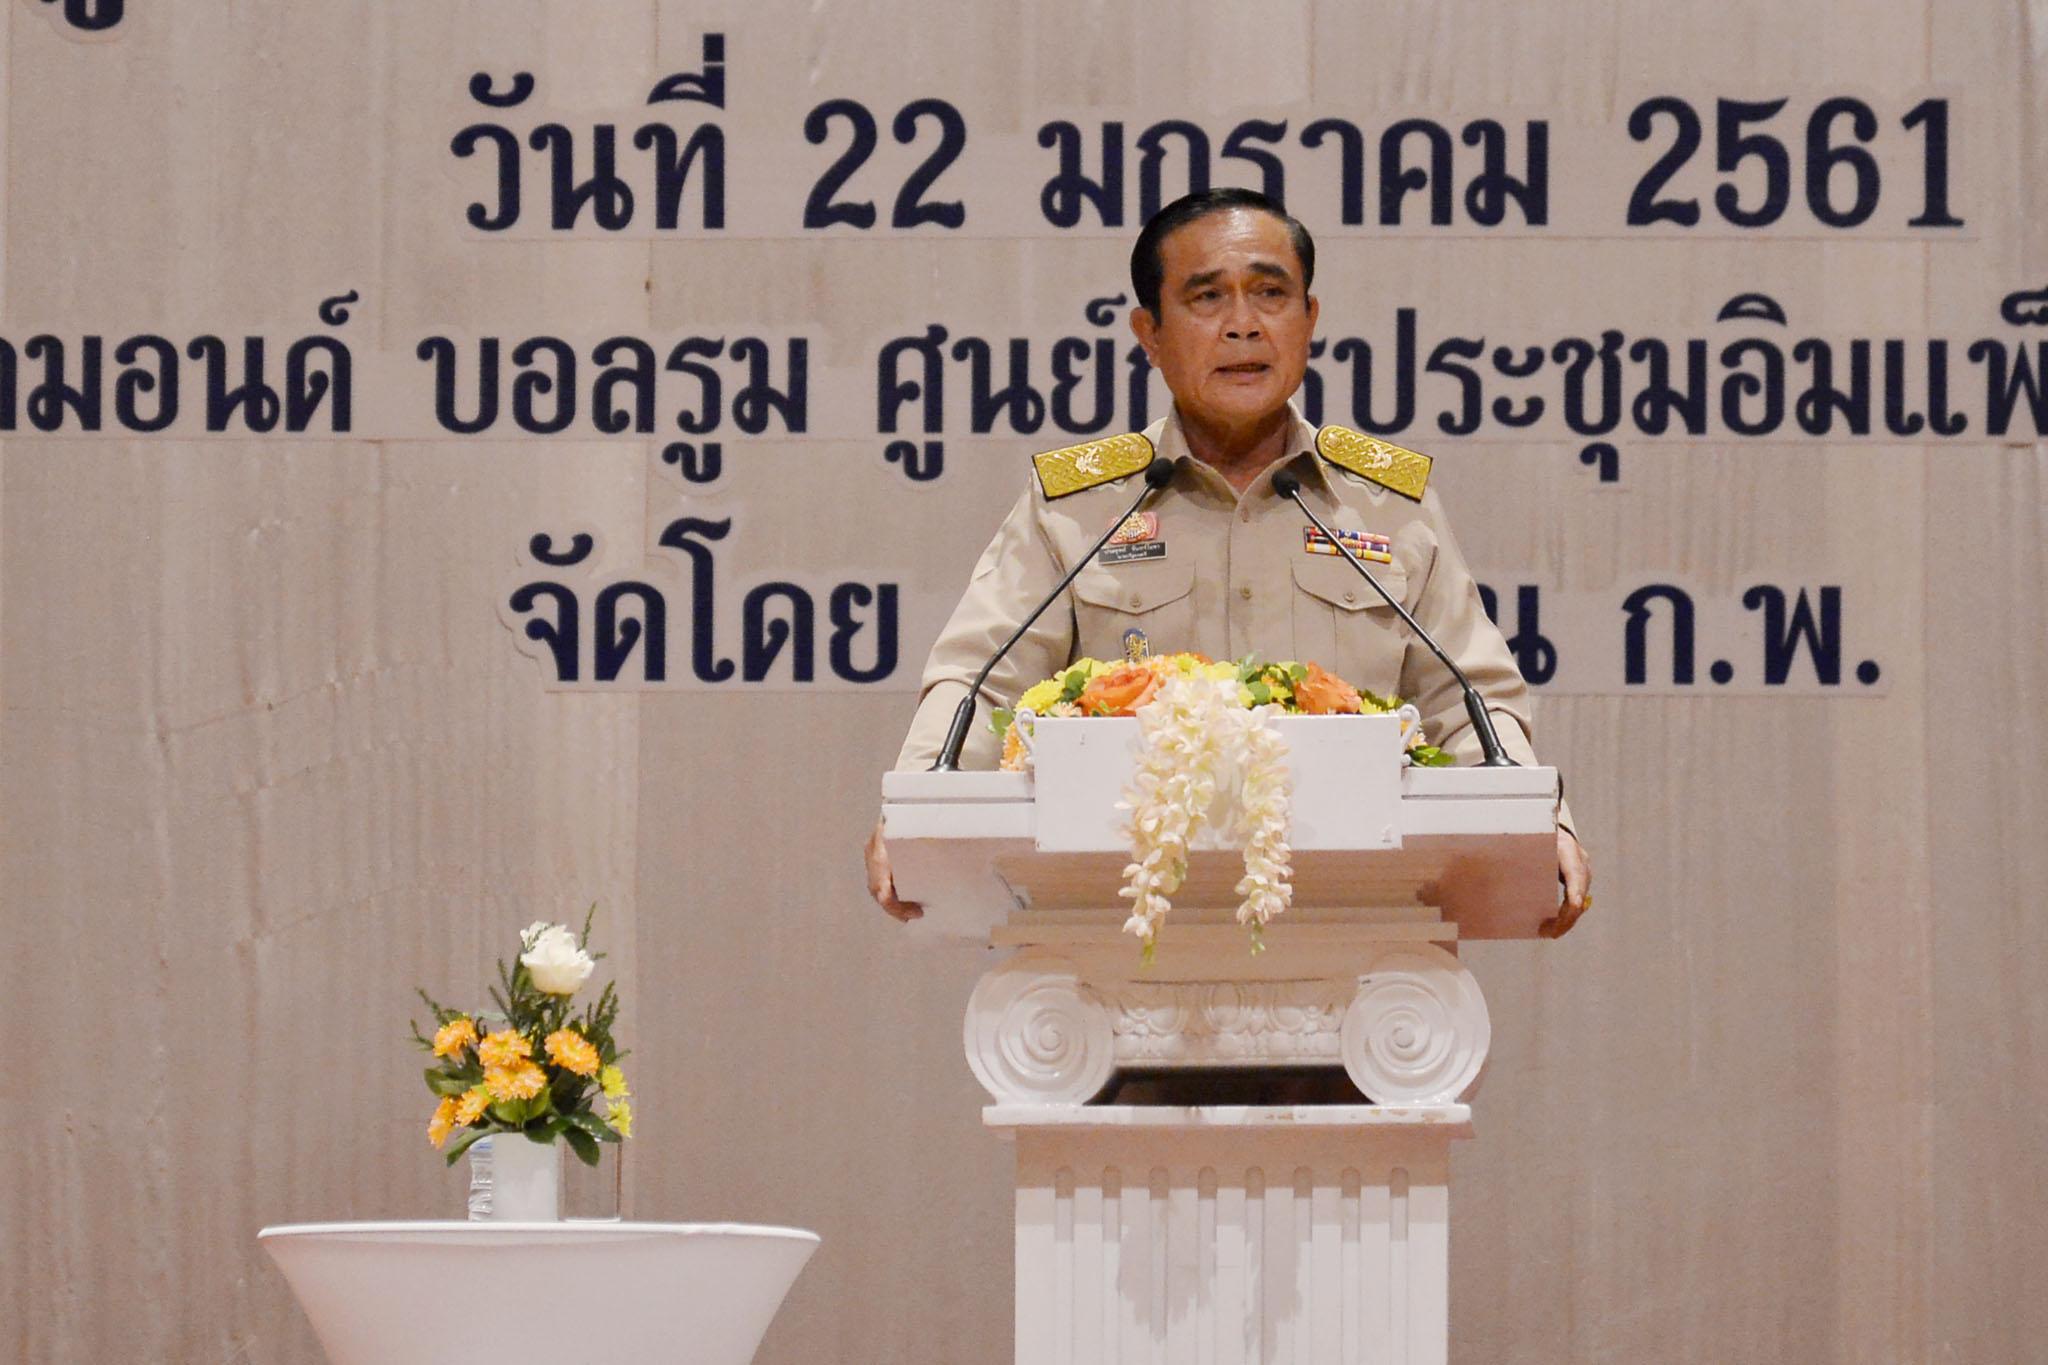 Prayut Chanocha